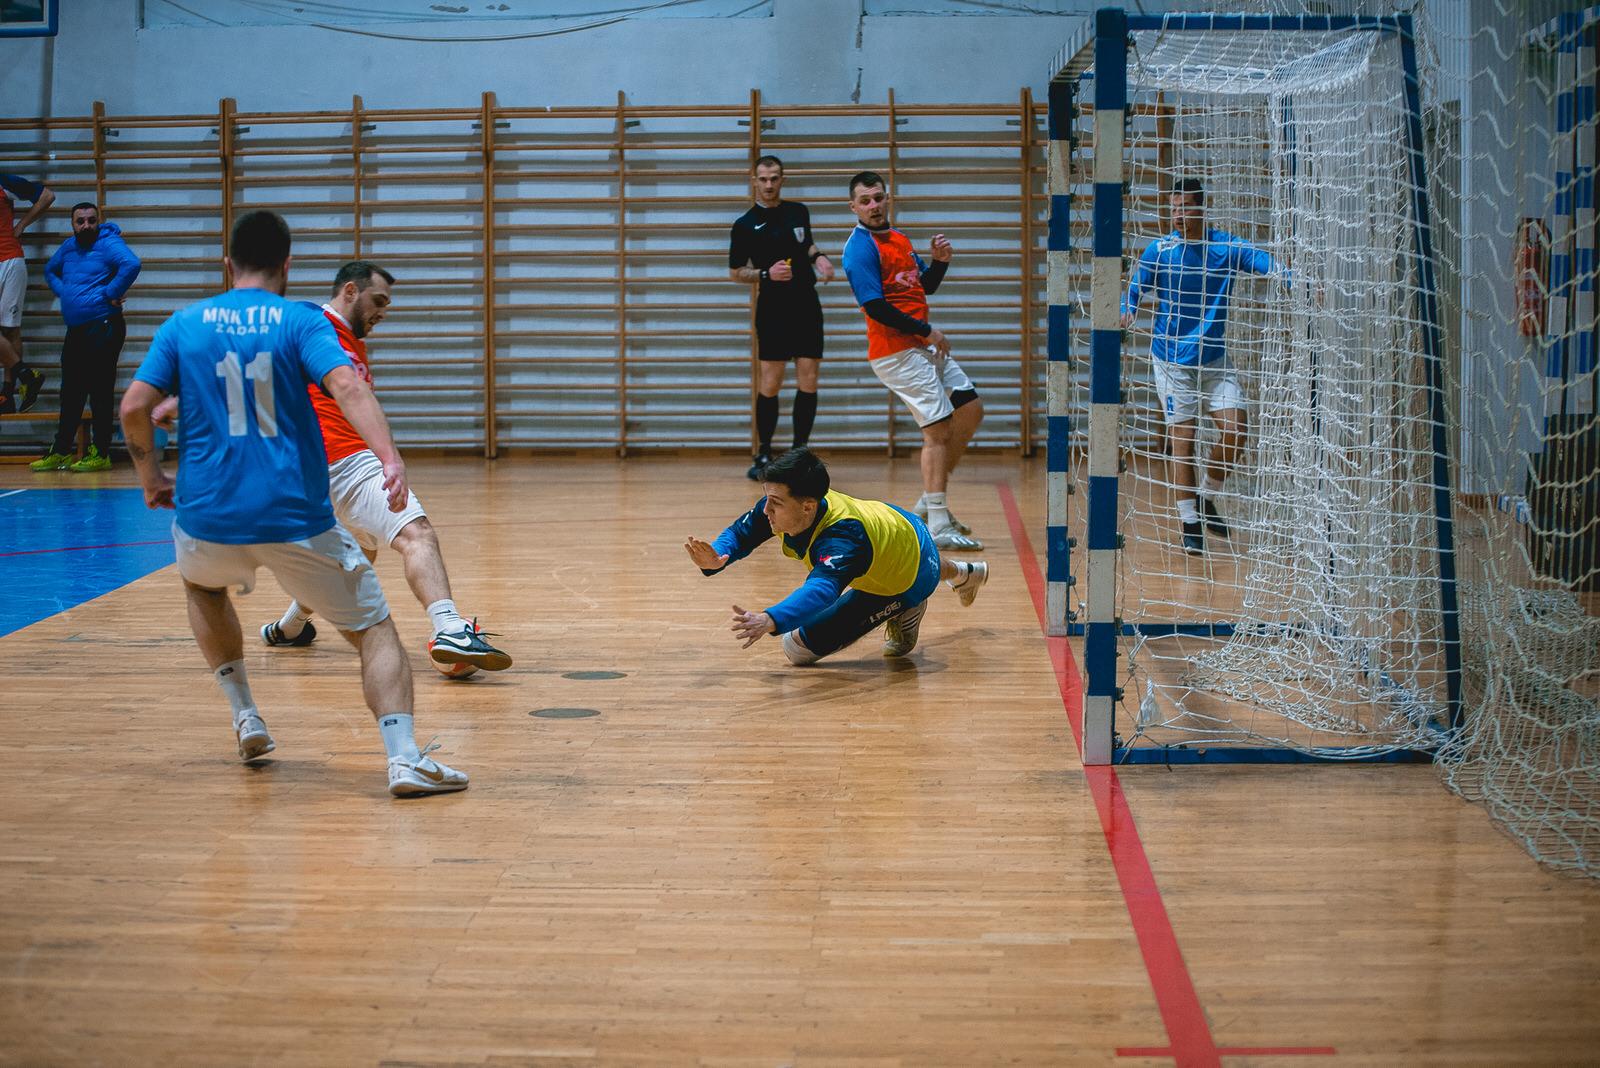 likaclub_gospić_zimski-malonogometni-turnir-2018-19-72